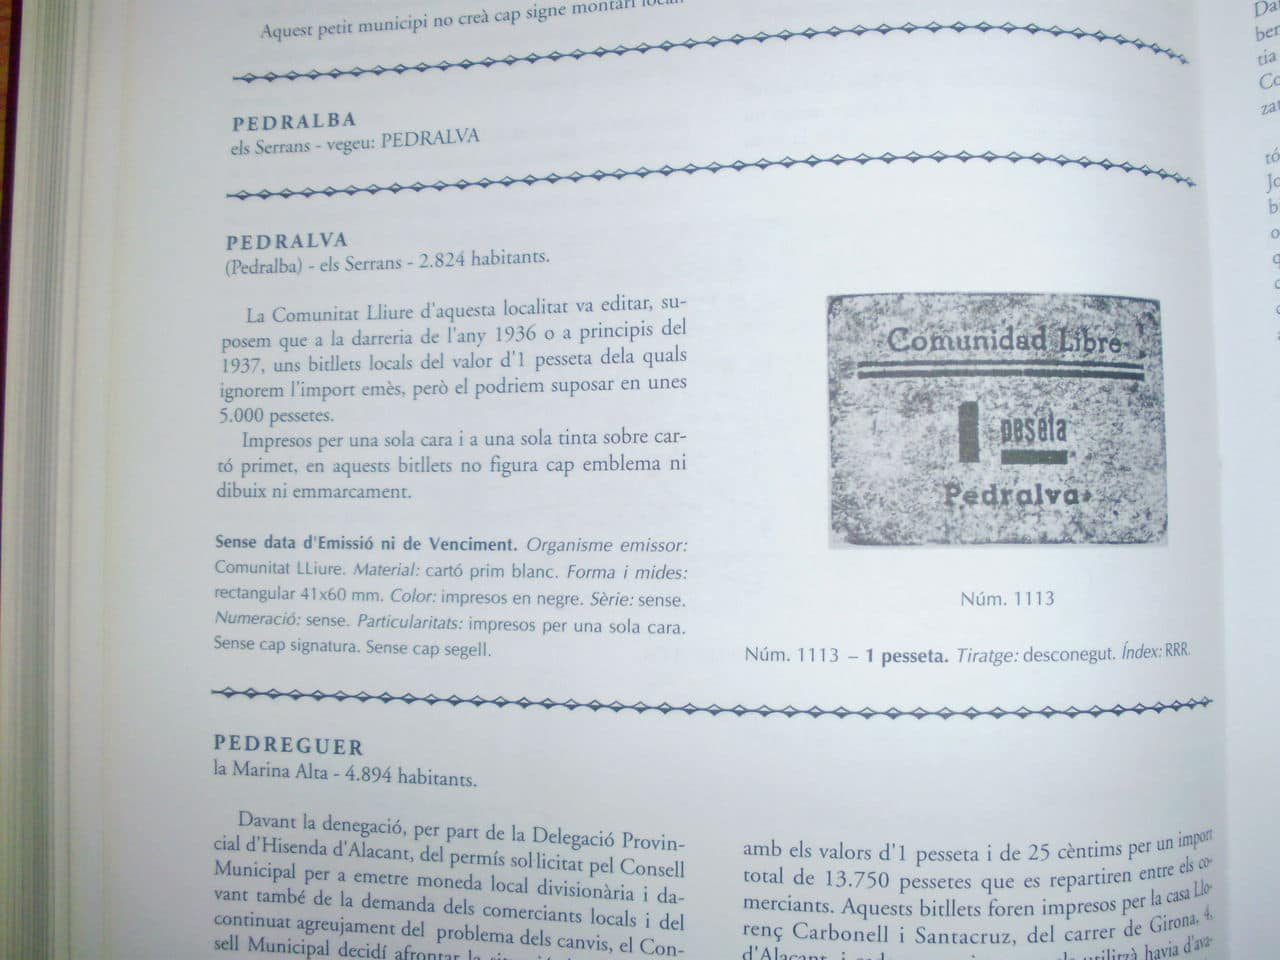 Billetes necesidad Pedralba (Valencia) Image